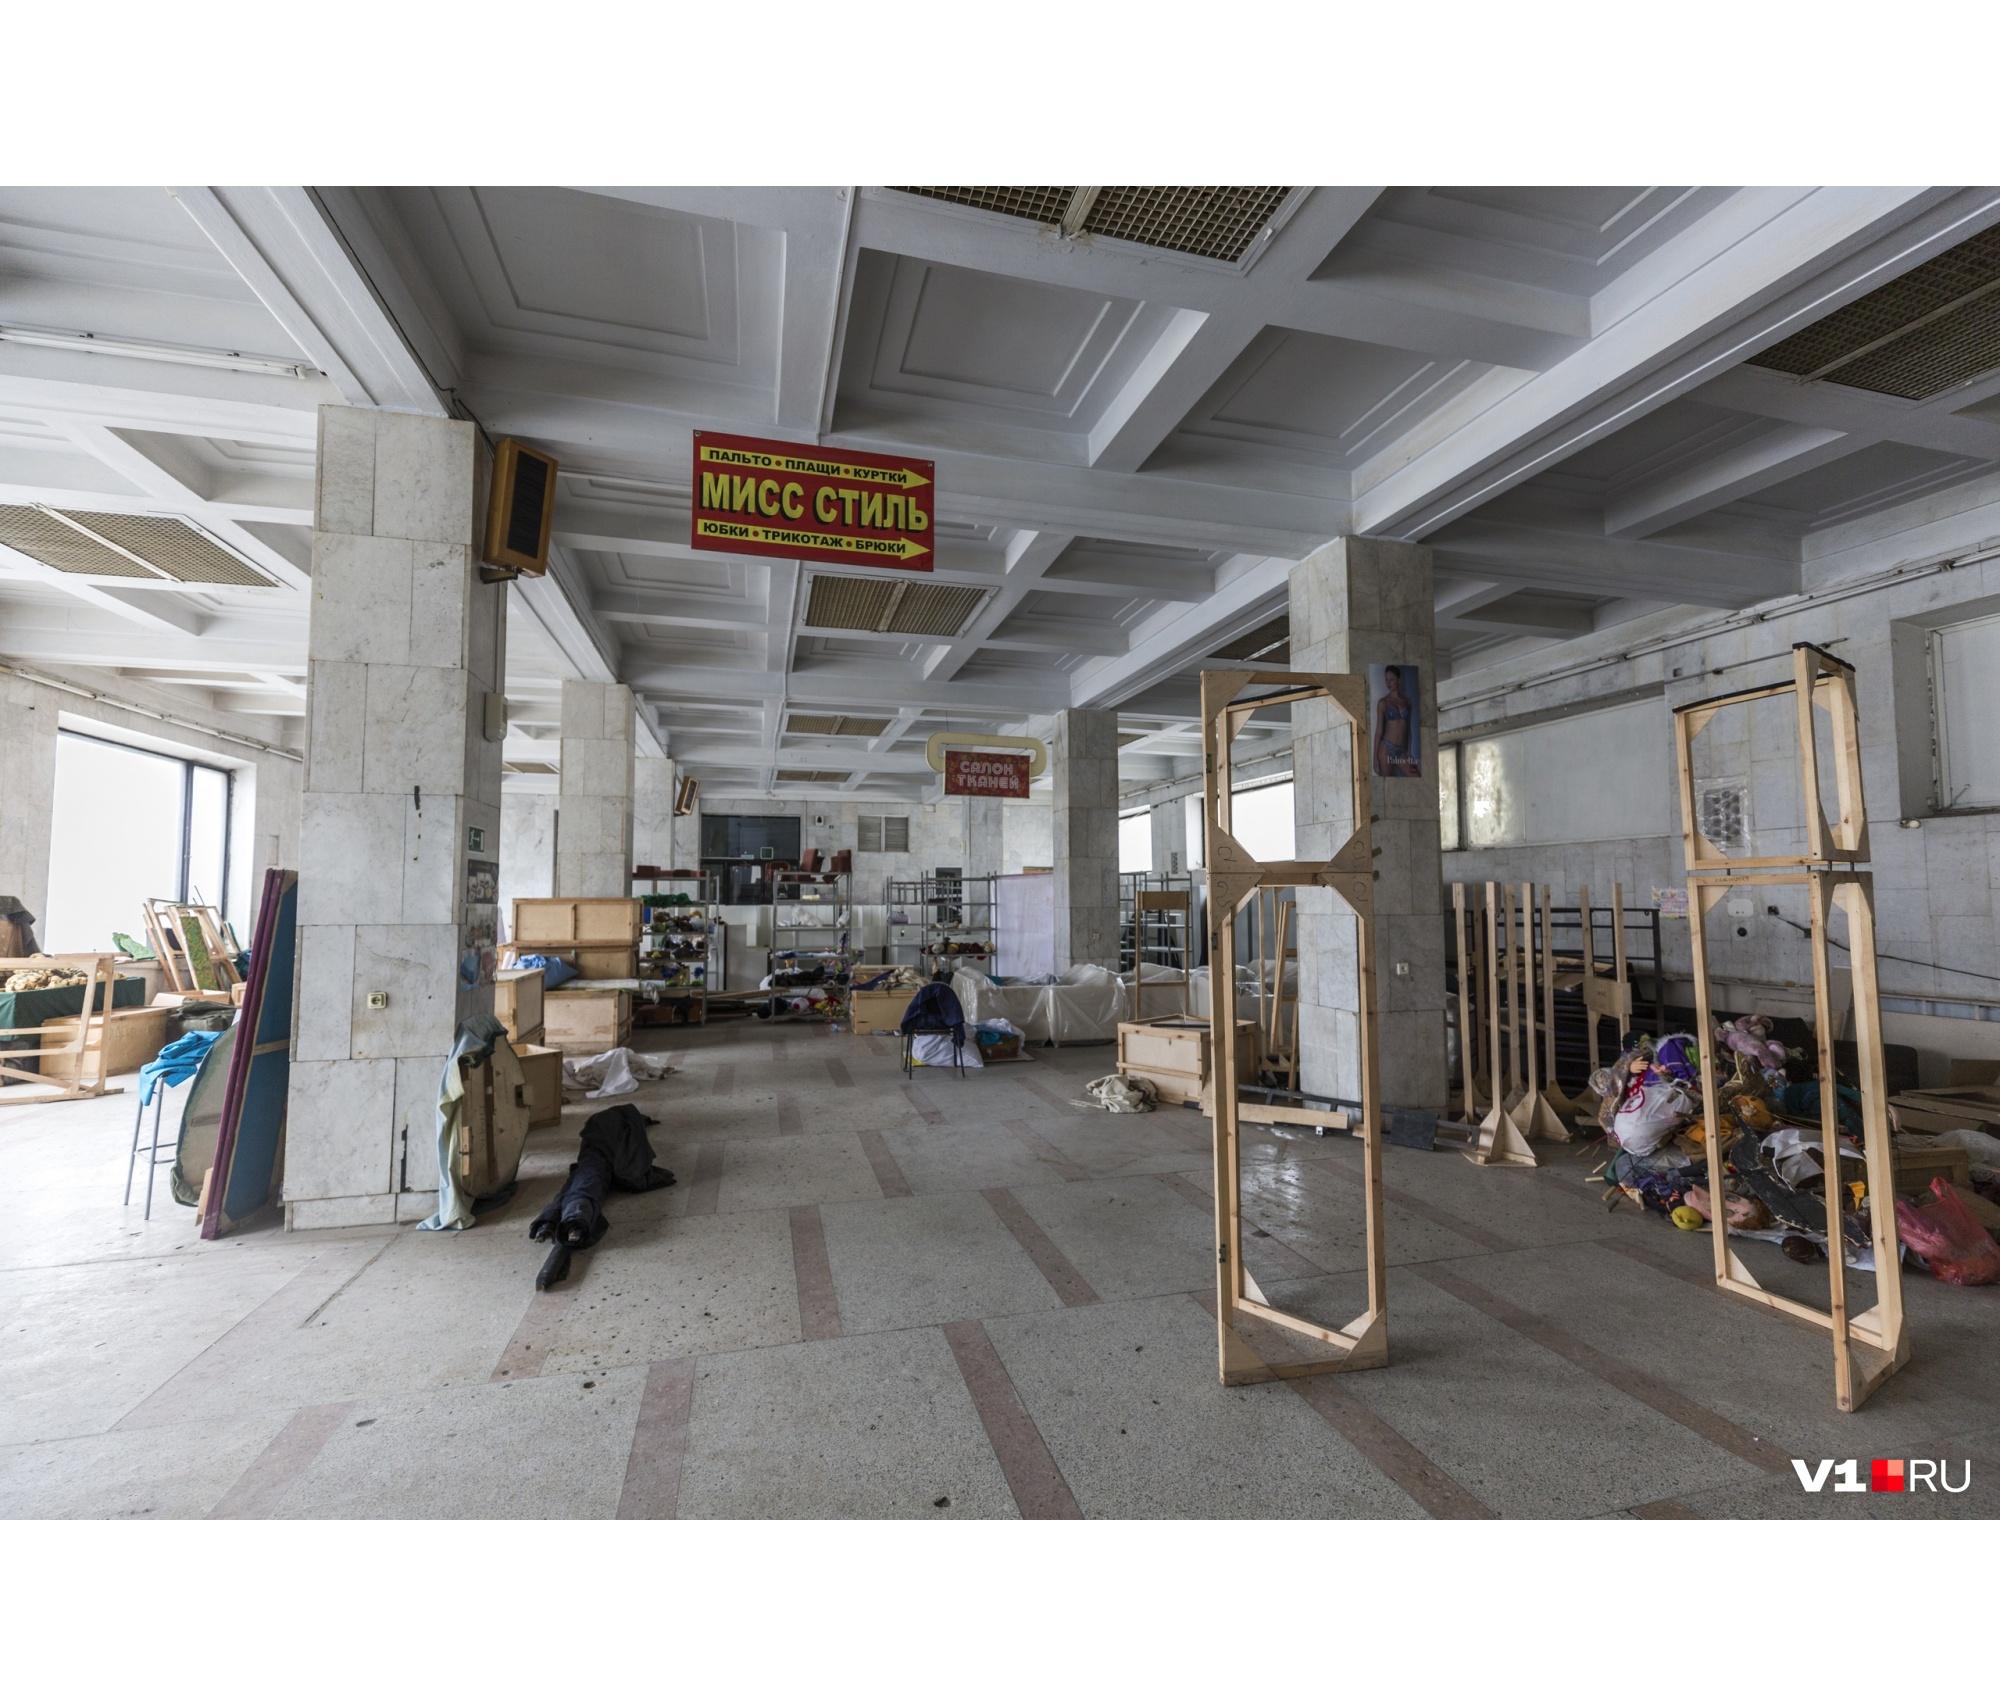 Здесь планируют поставить витрины краеведческого музея